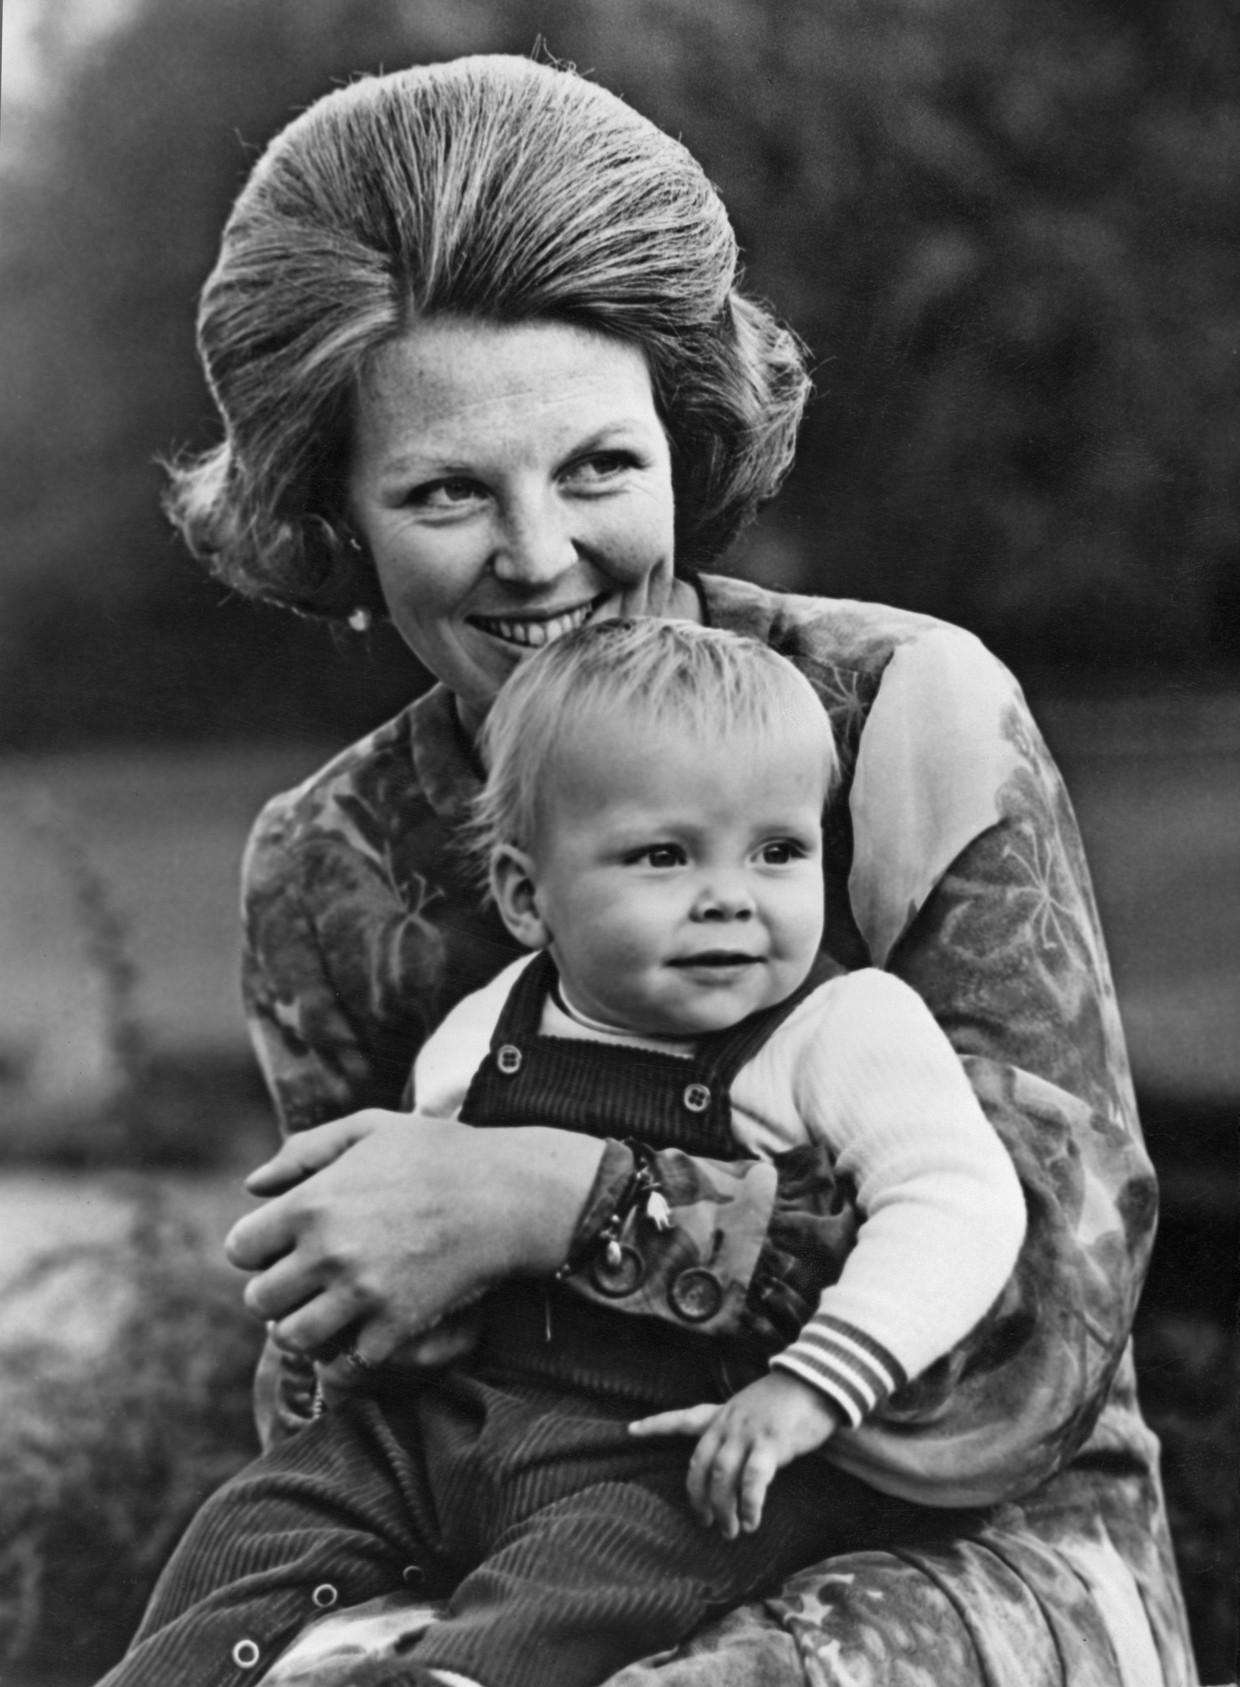 Koninklijke kiekjes: prinses Beatrix, een gelukkige jonge moeder en een prinsje met wangetjes om in te bijten Beeld Getty Images